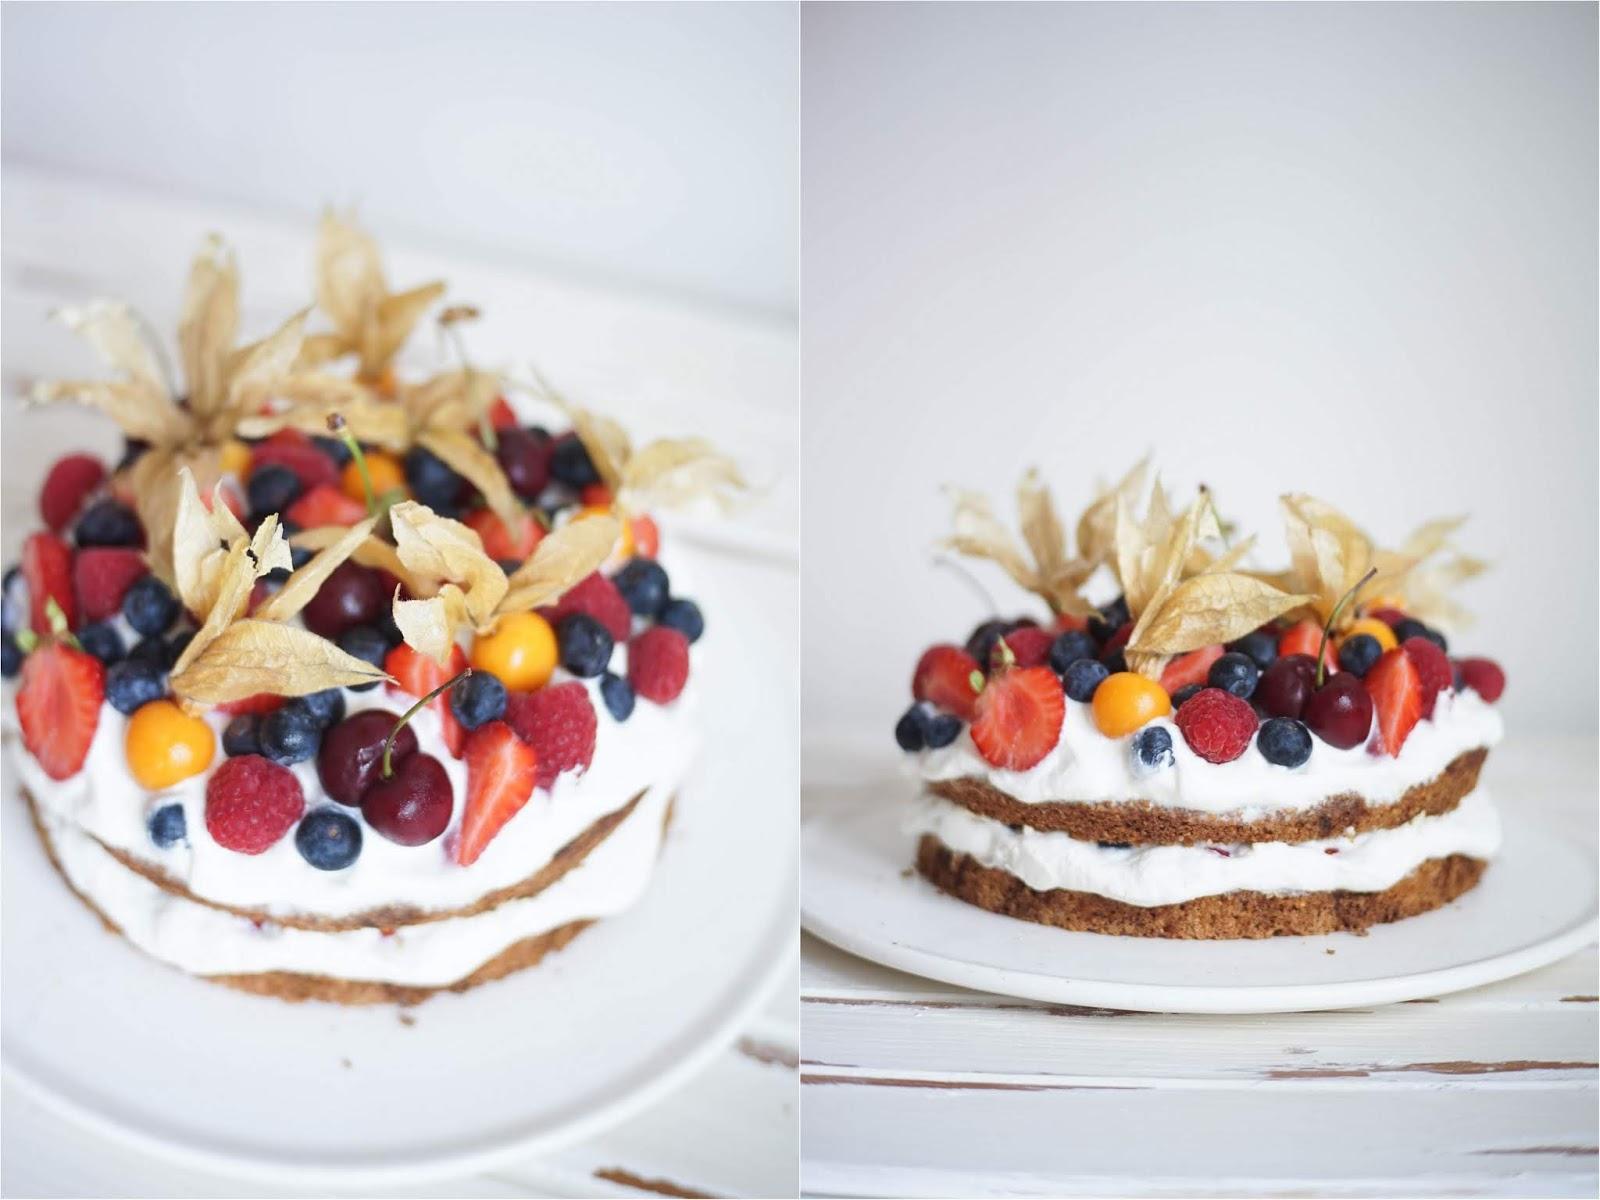 dort k prvním narozeninám S vášní pro jídlo: Dort k prvním narozeninám dort k prvním narozeninám